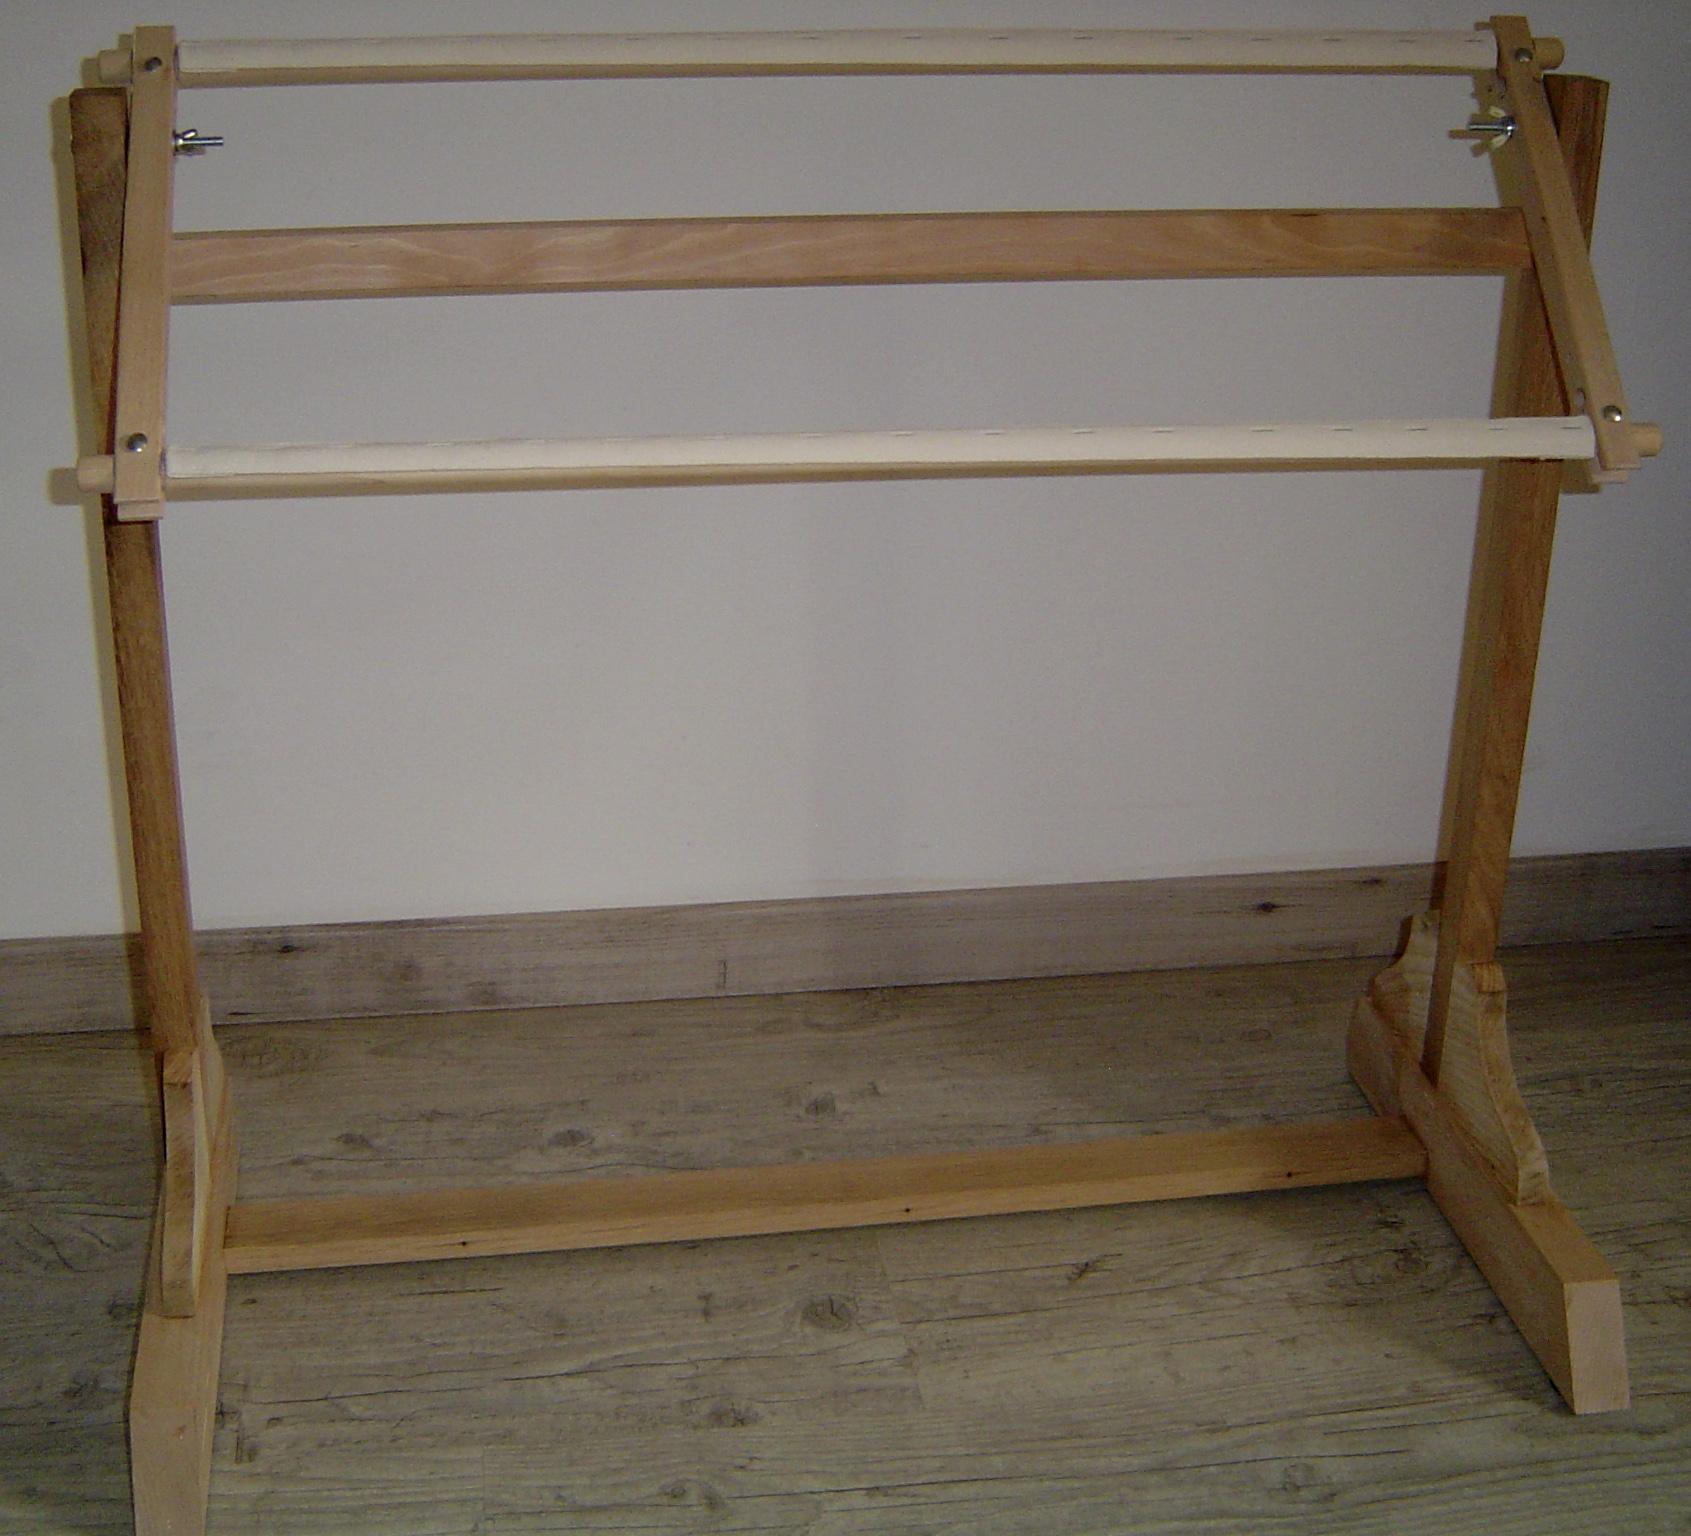 un pi tement tr teau pour m tier broder bois le bouvet. Black Bedroom Furniture Sets. Home Design Ideas